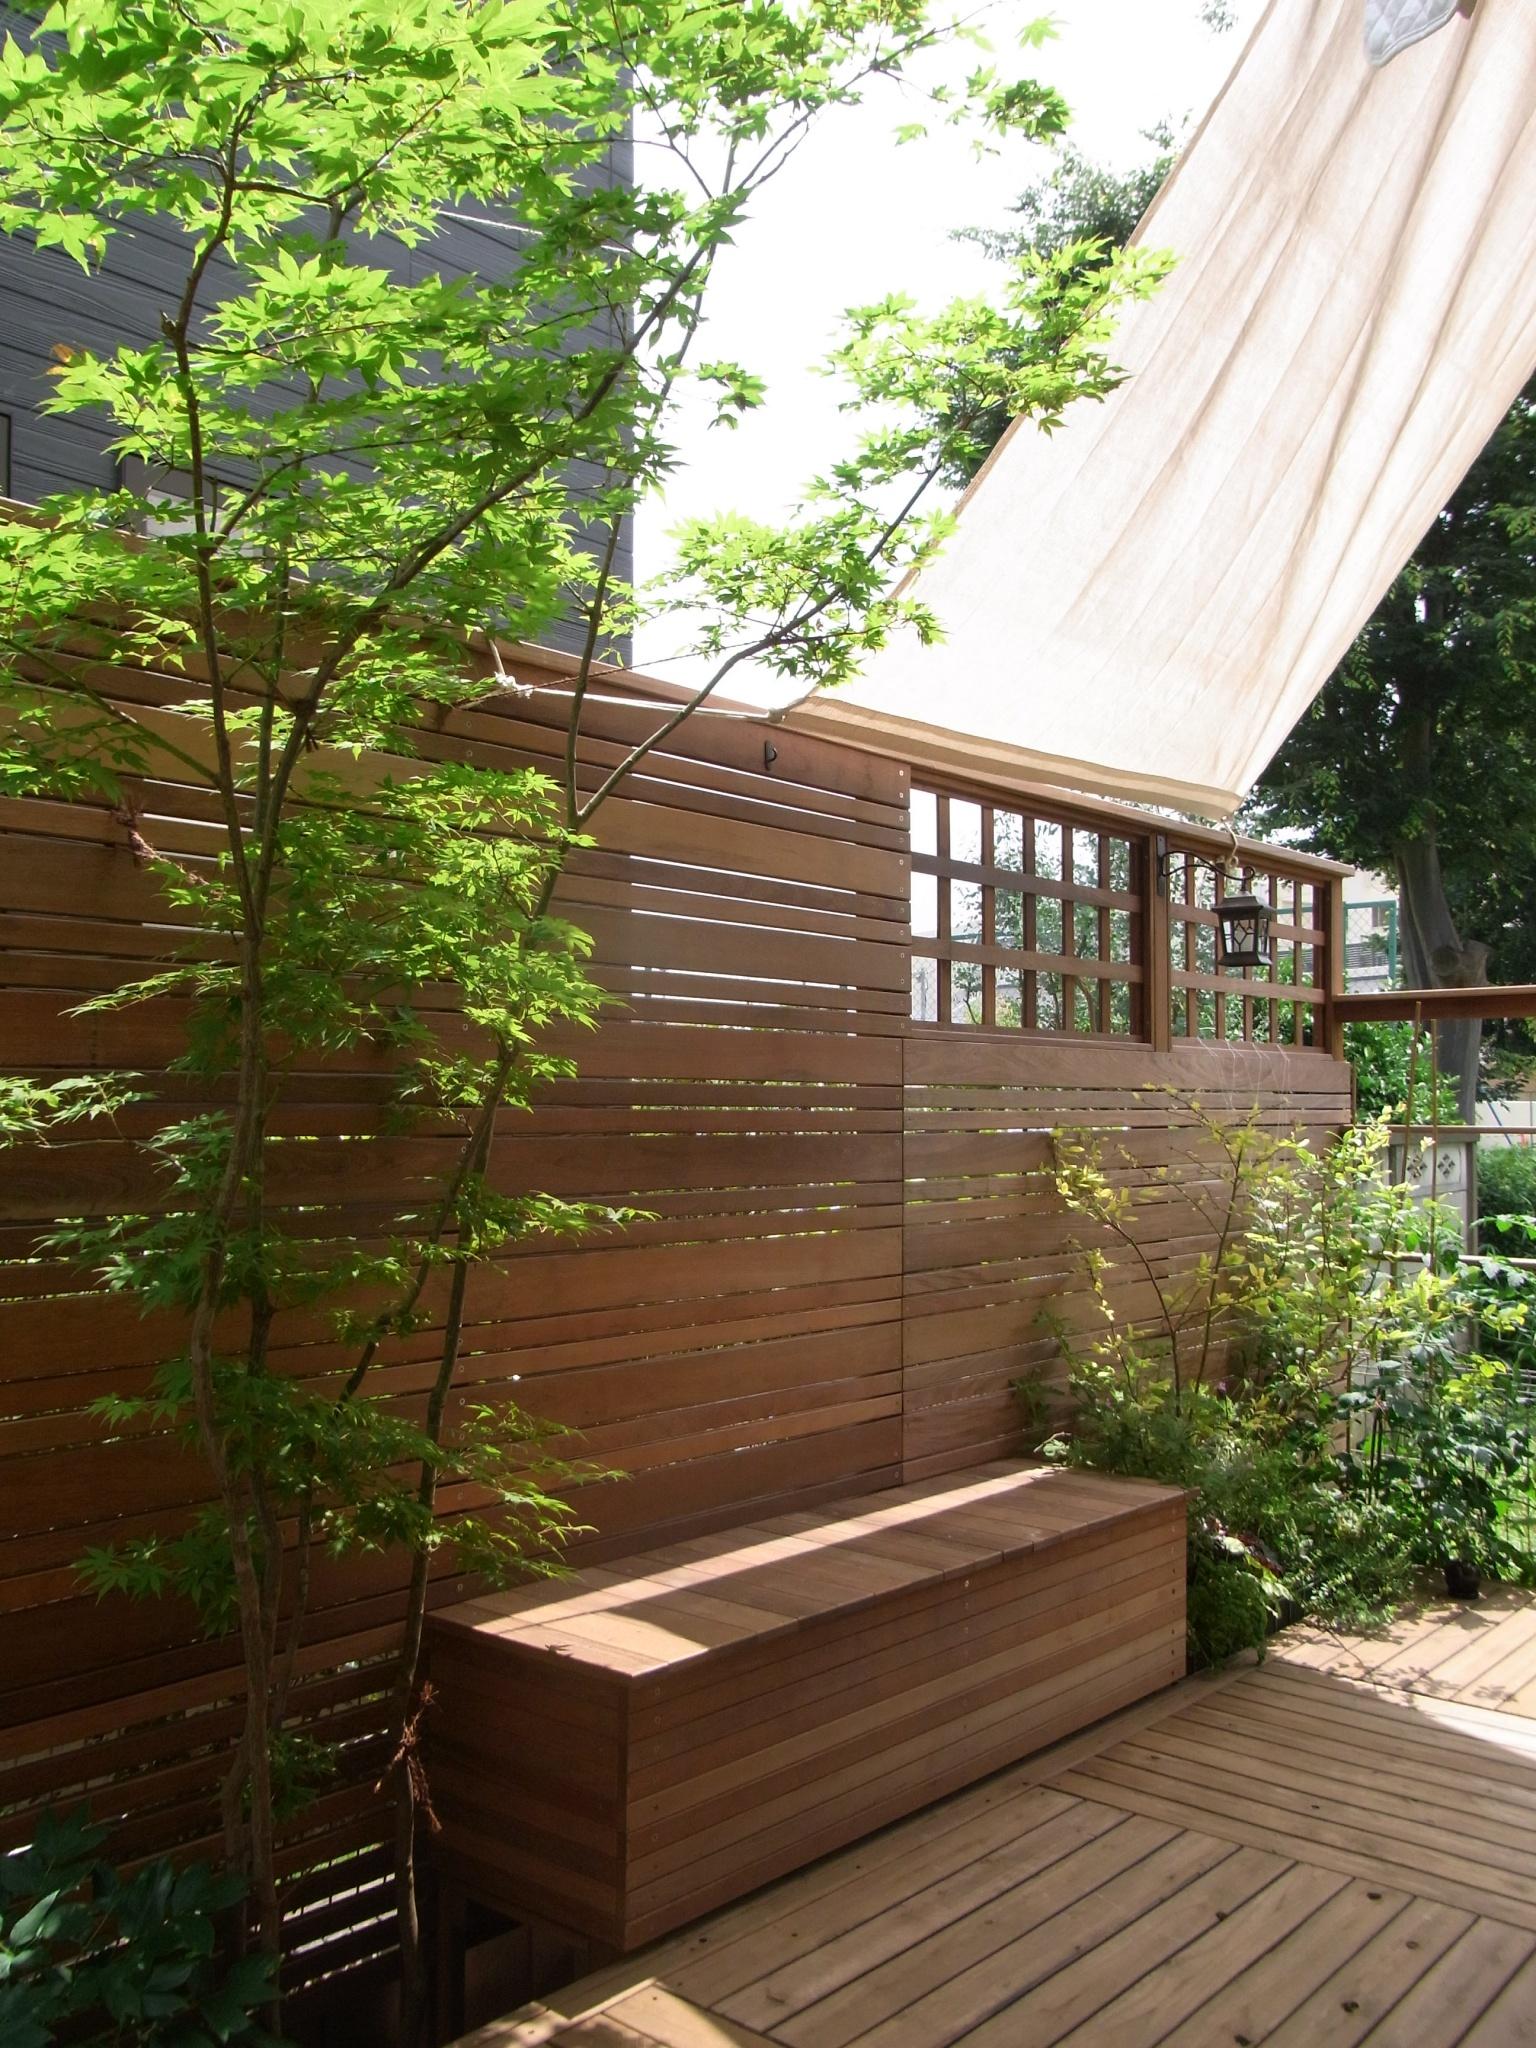 シンボルツリーがヤマモミジのお庭(ガーデン)